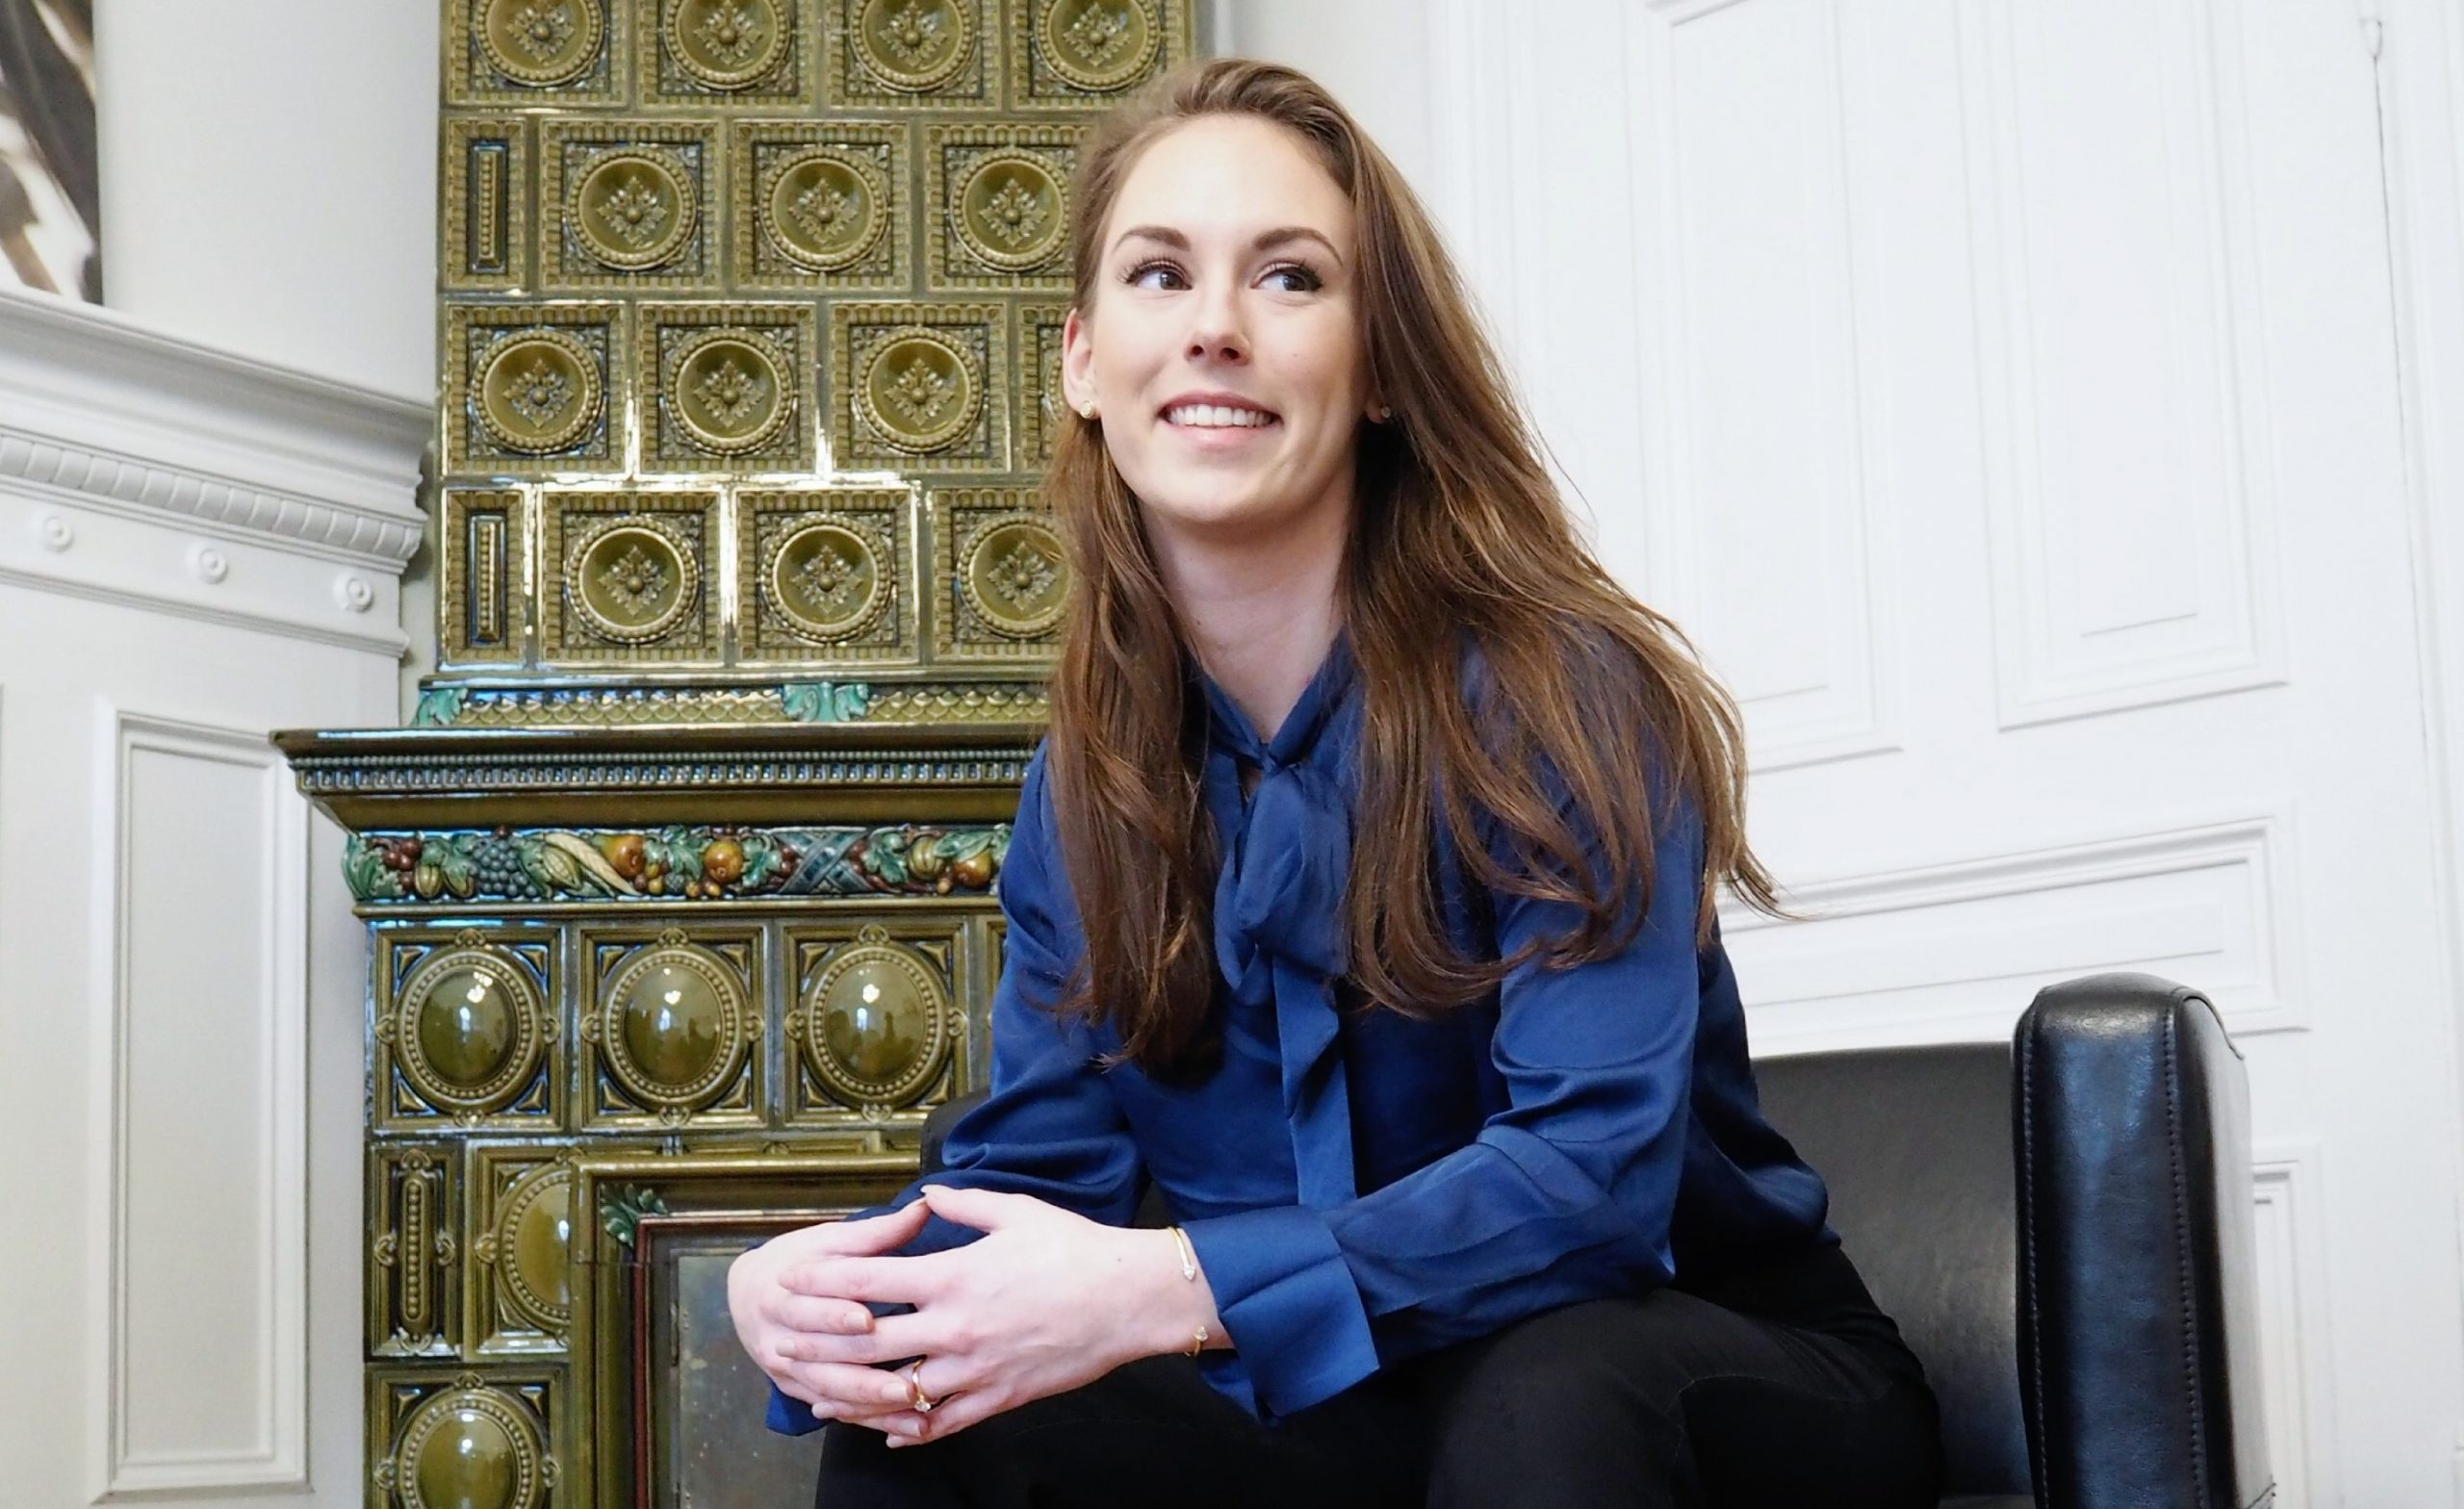 Programvareselskapet VisBook utvider – Erica Salonius blir ny markedssjef